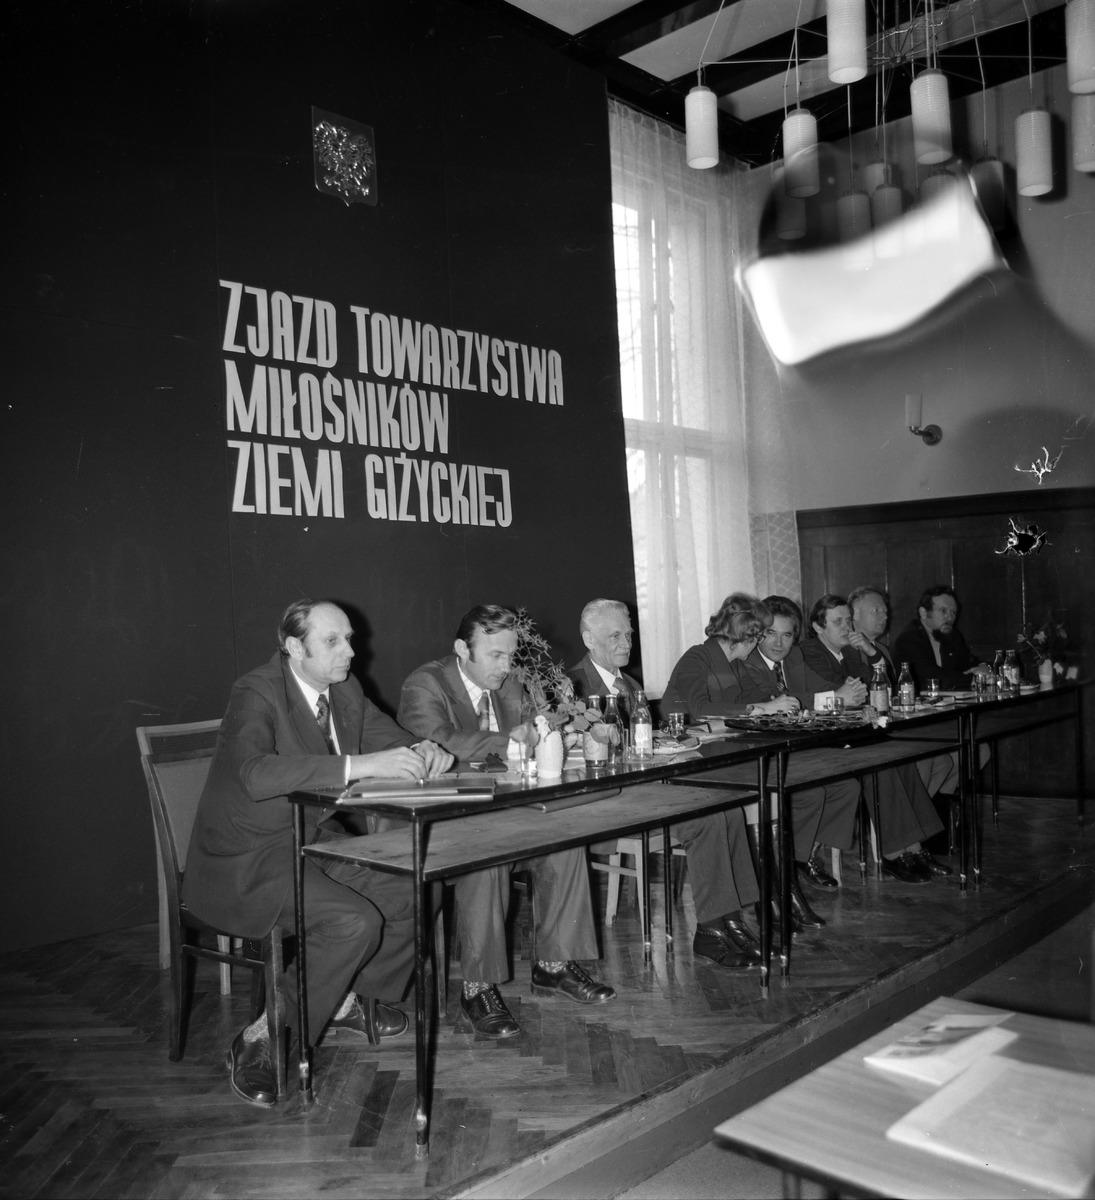 Zjazd Towarzystwa Miłośników Ziemi Giżyckiej, 1976 r.